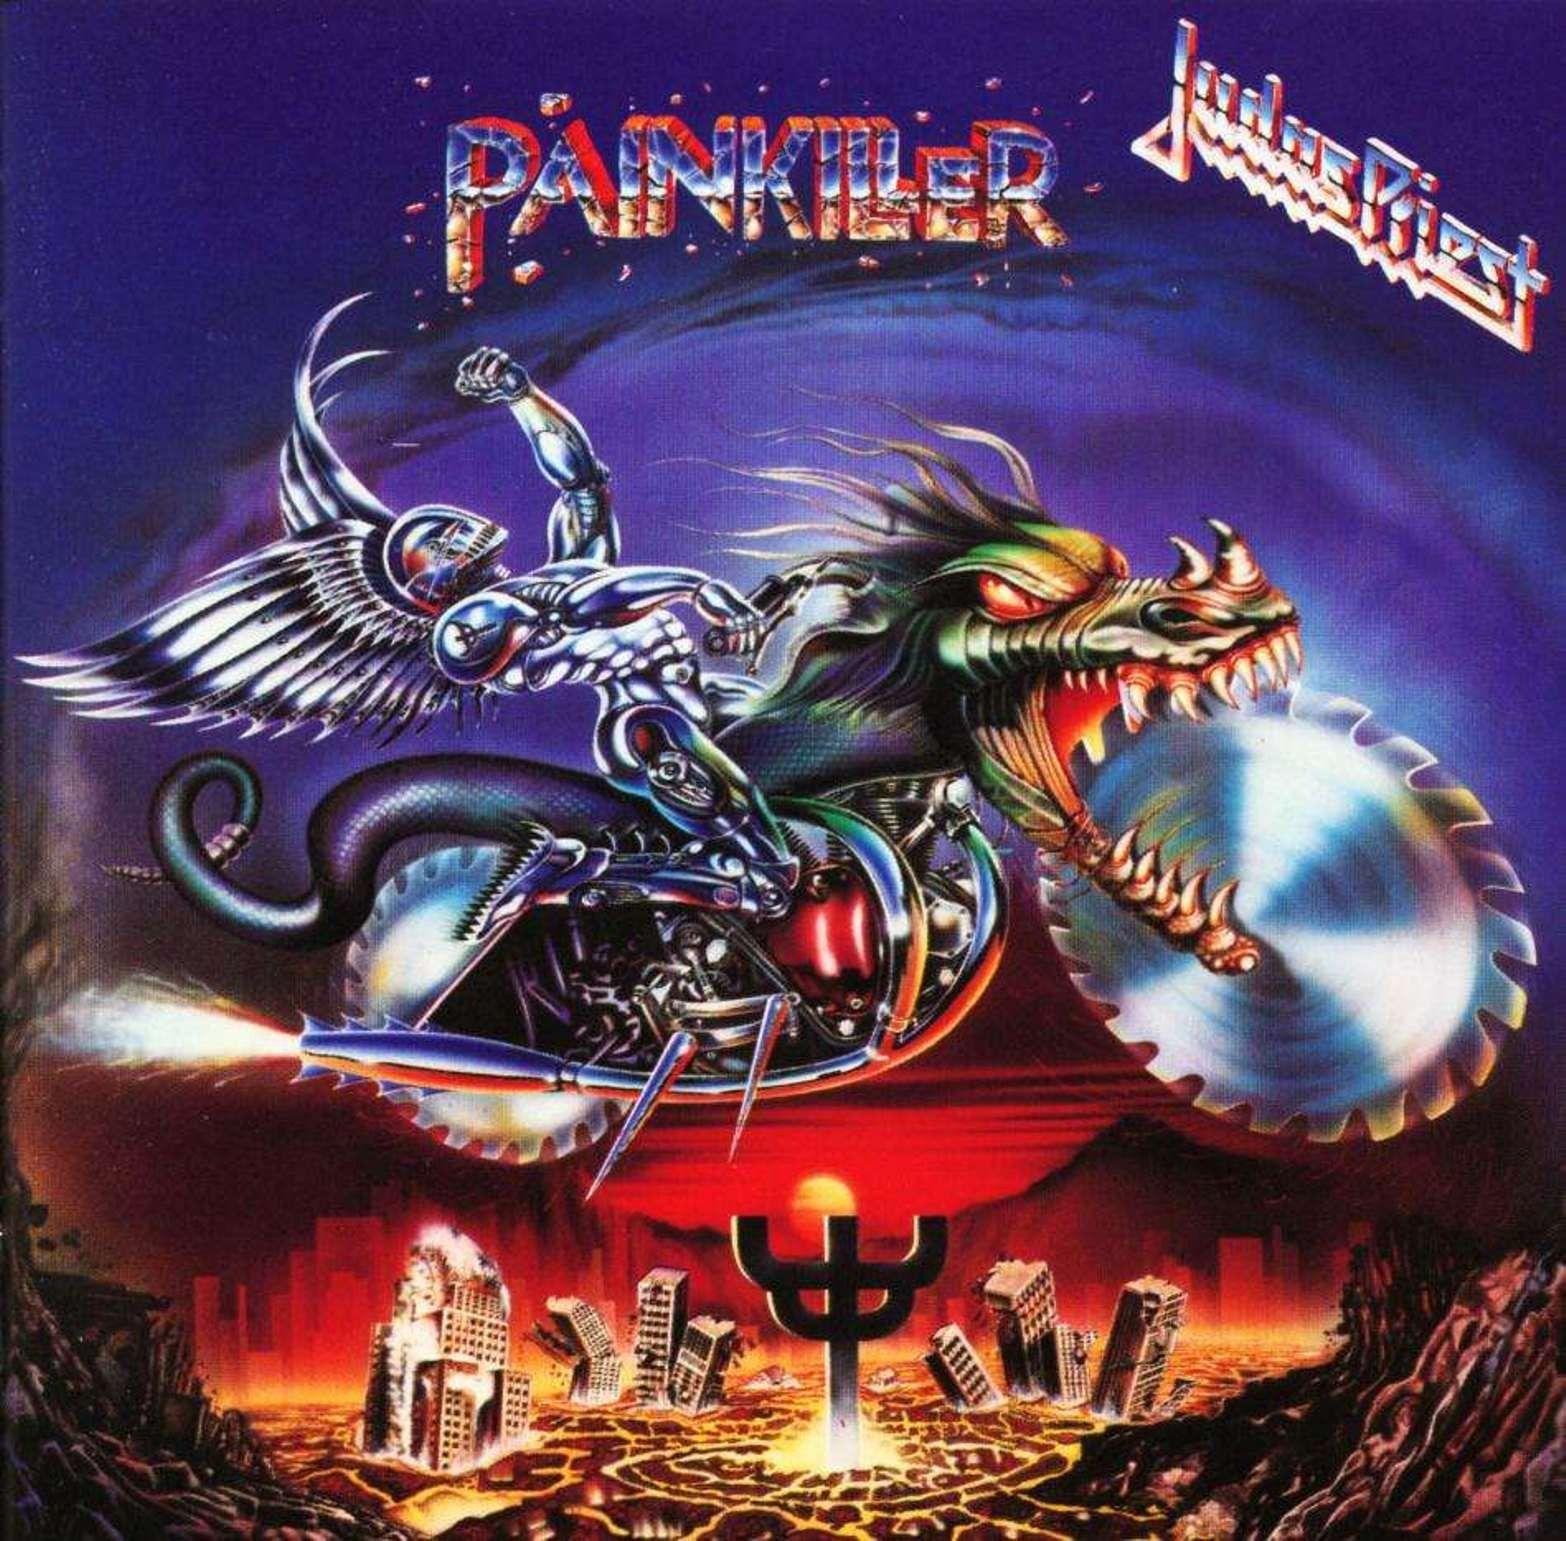 Judas Priest Quot Painkiller Quot Metal Album Covers Judas